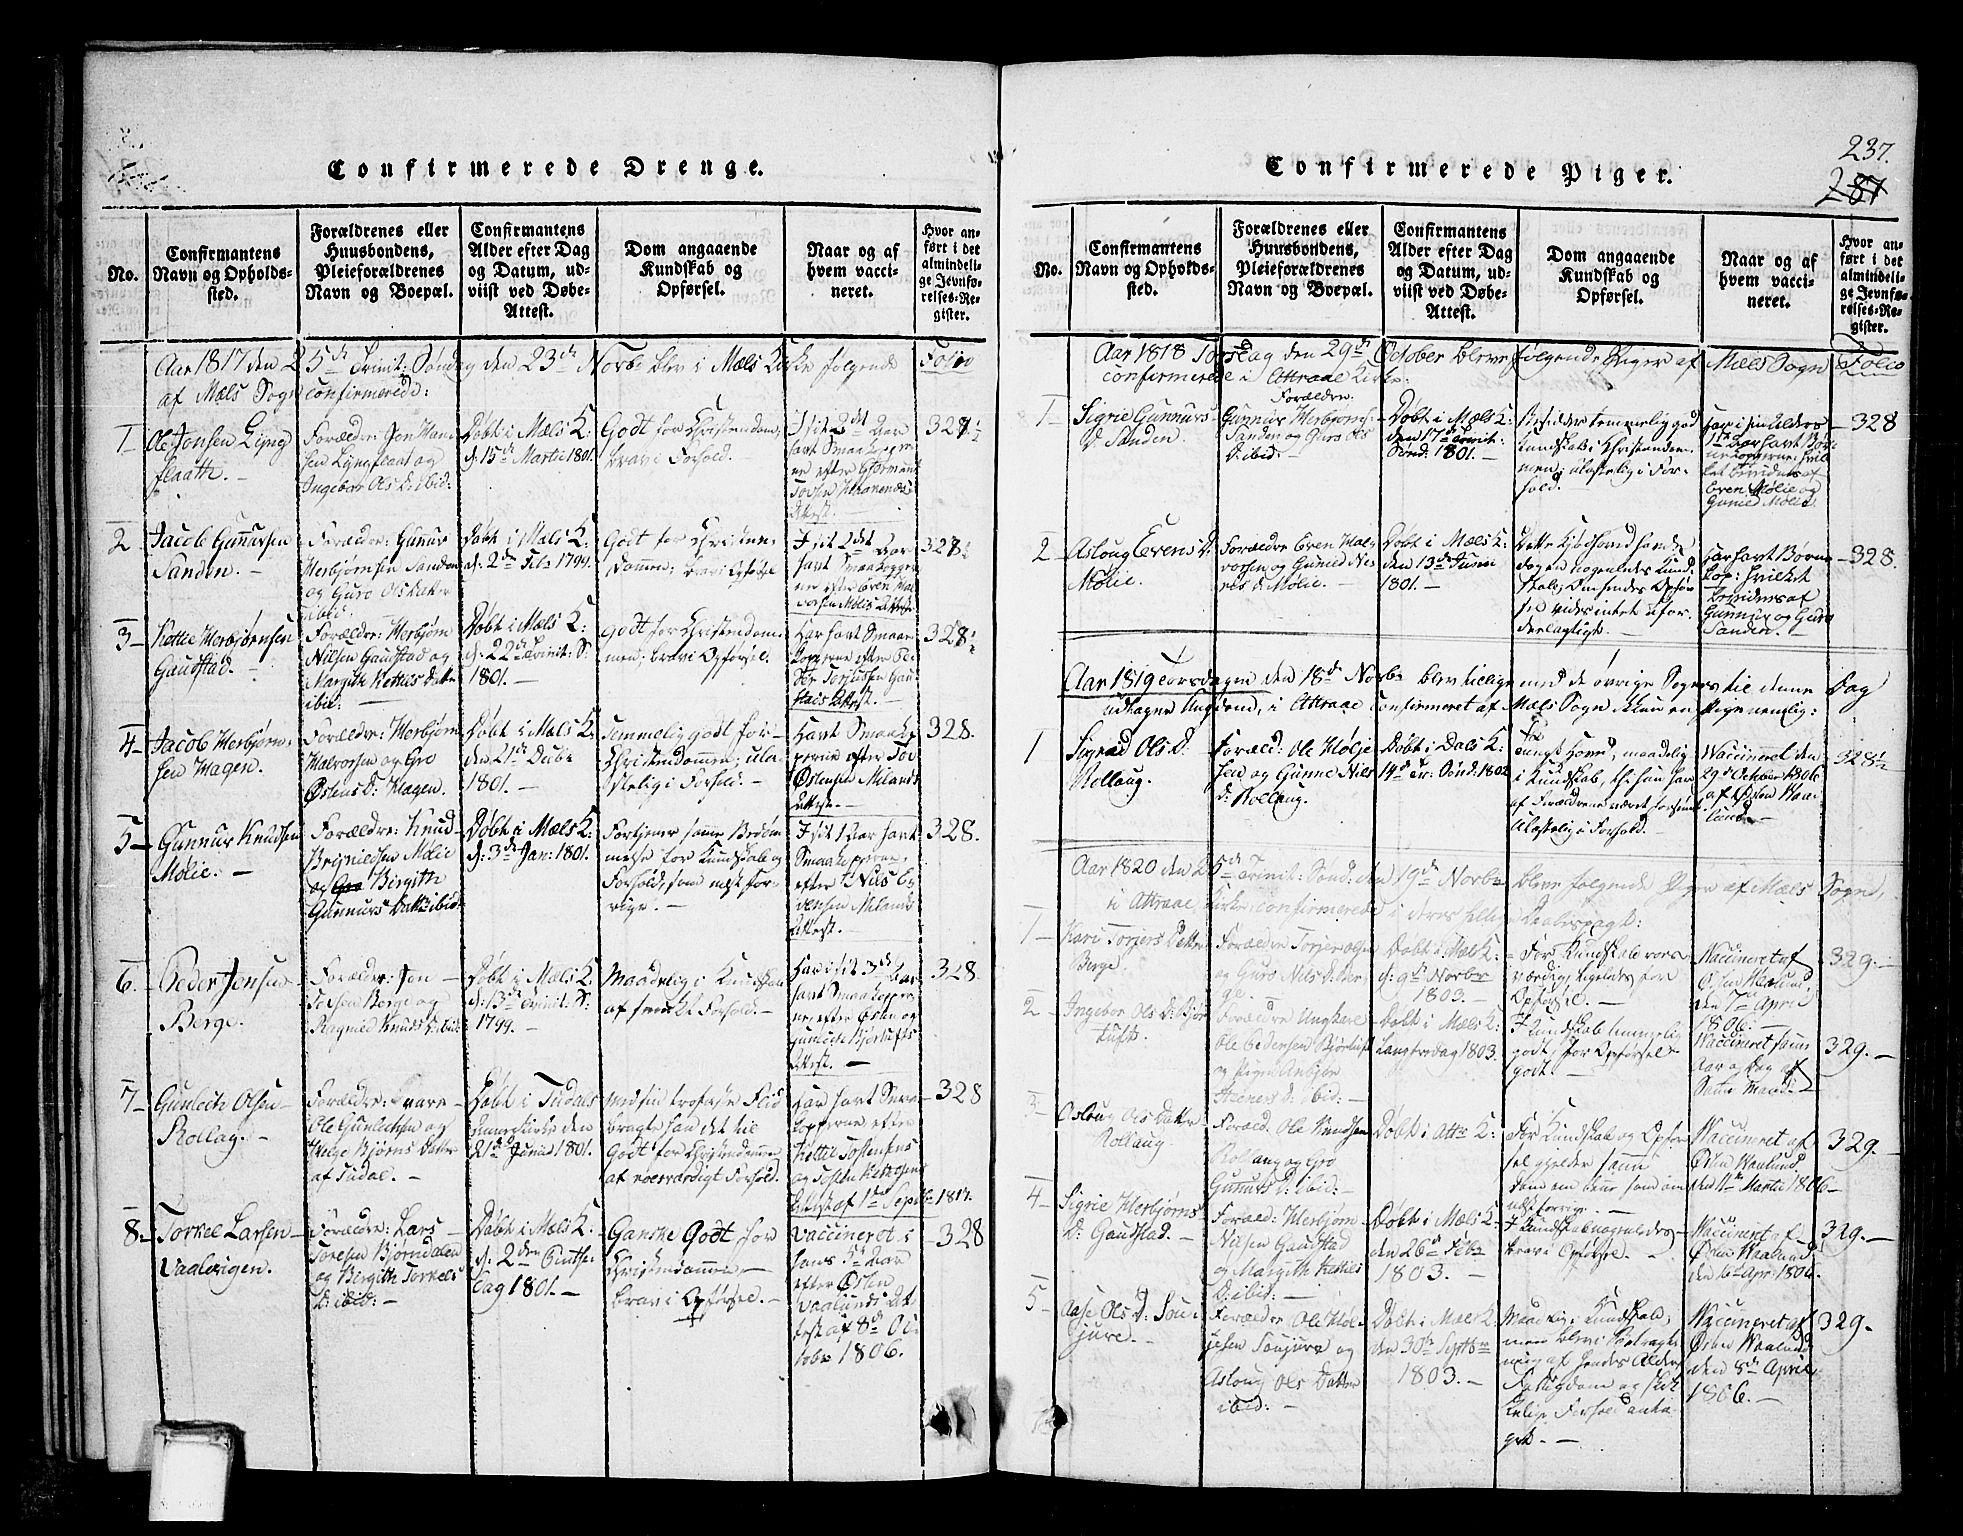 SAKO, Tinn kirkebøker, G/Gb/L0001: Klokkerbok nr. II 1 /1, 1815-1850, s. 237